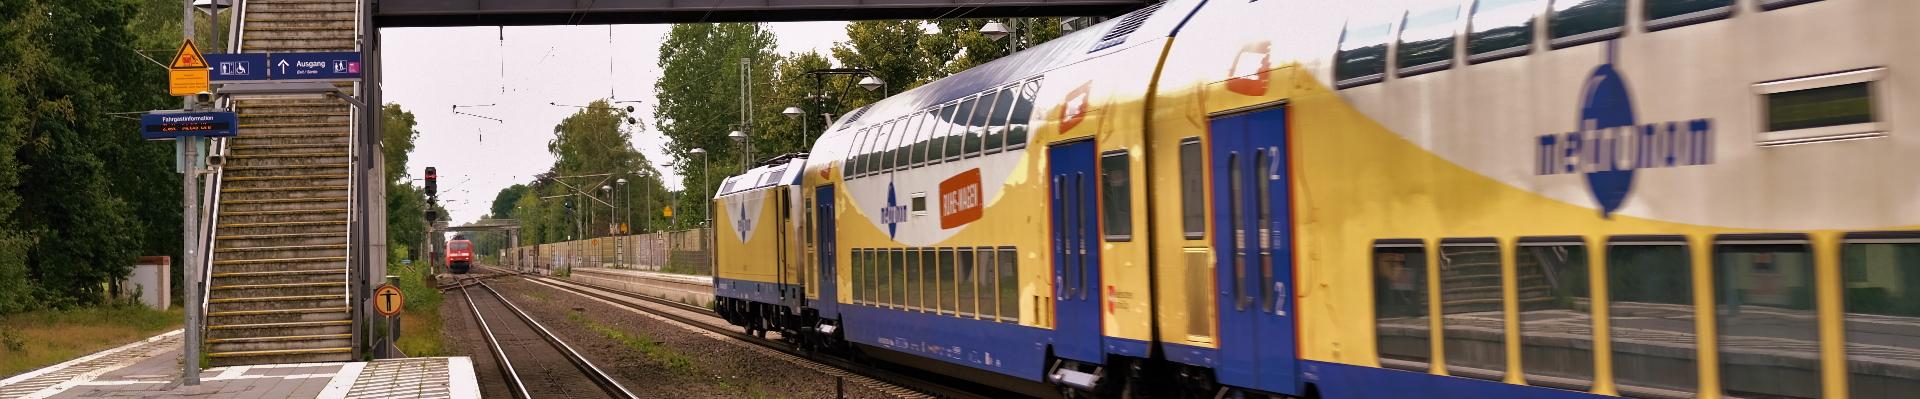 Folgeseite Bahnhof Sottrum